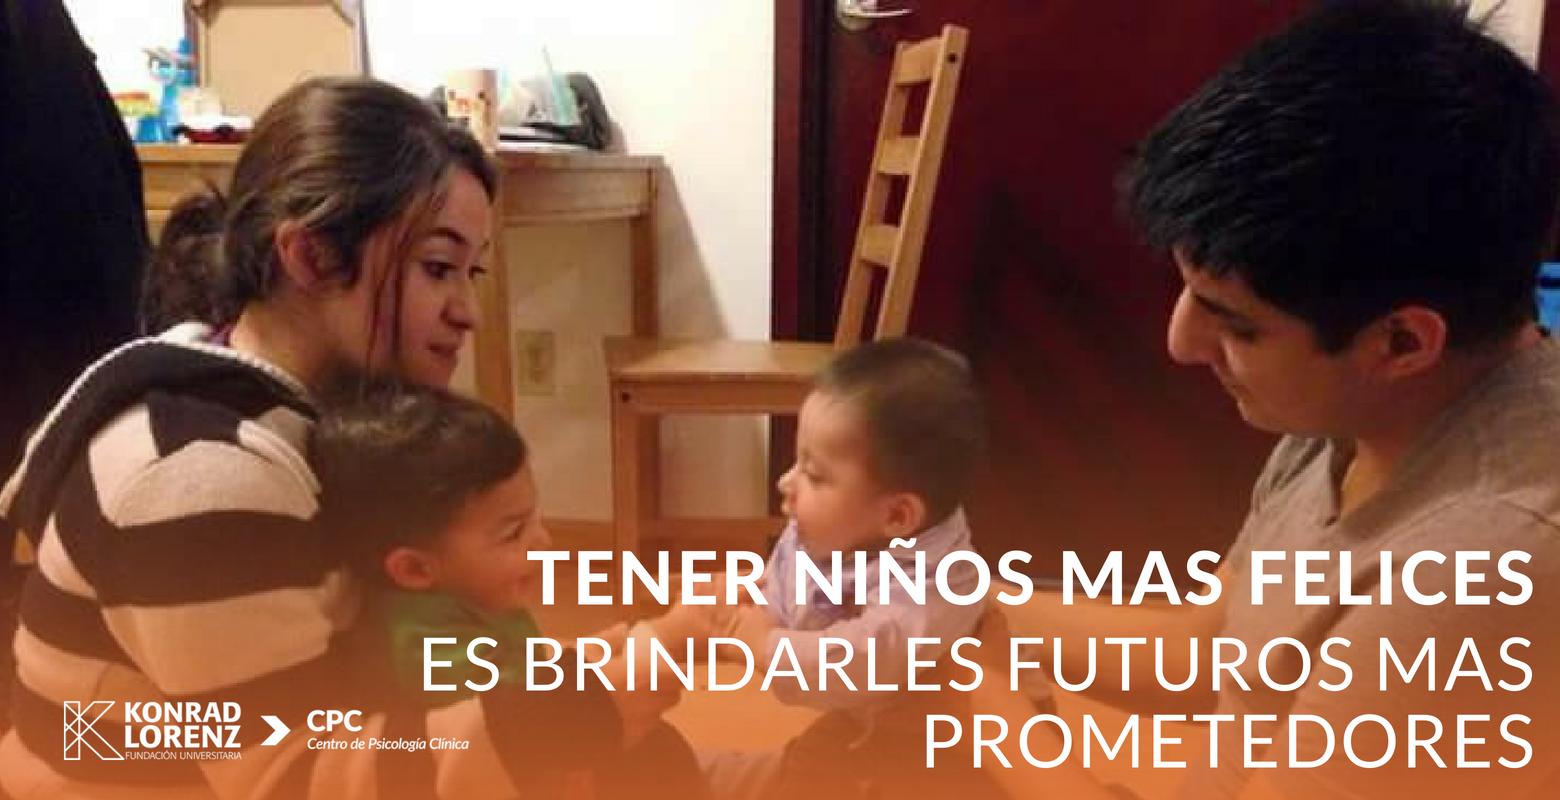 Tener niños más felices es brindarles futuros mas prometedores